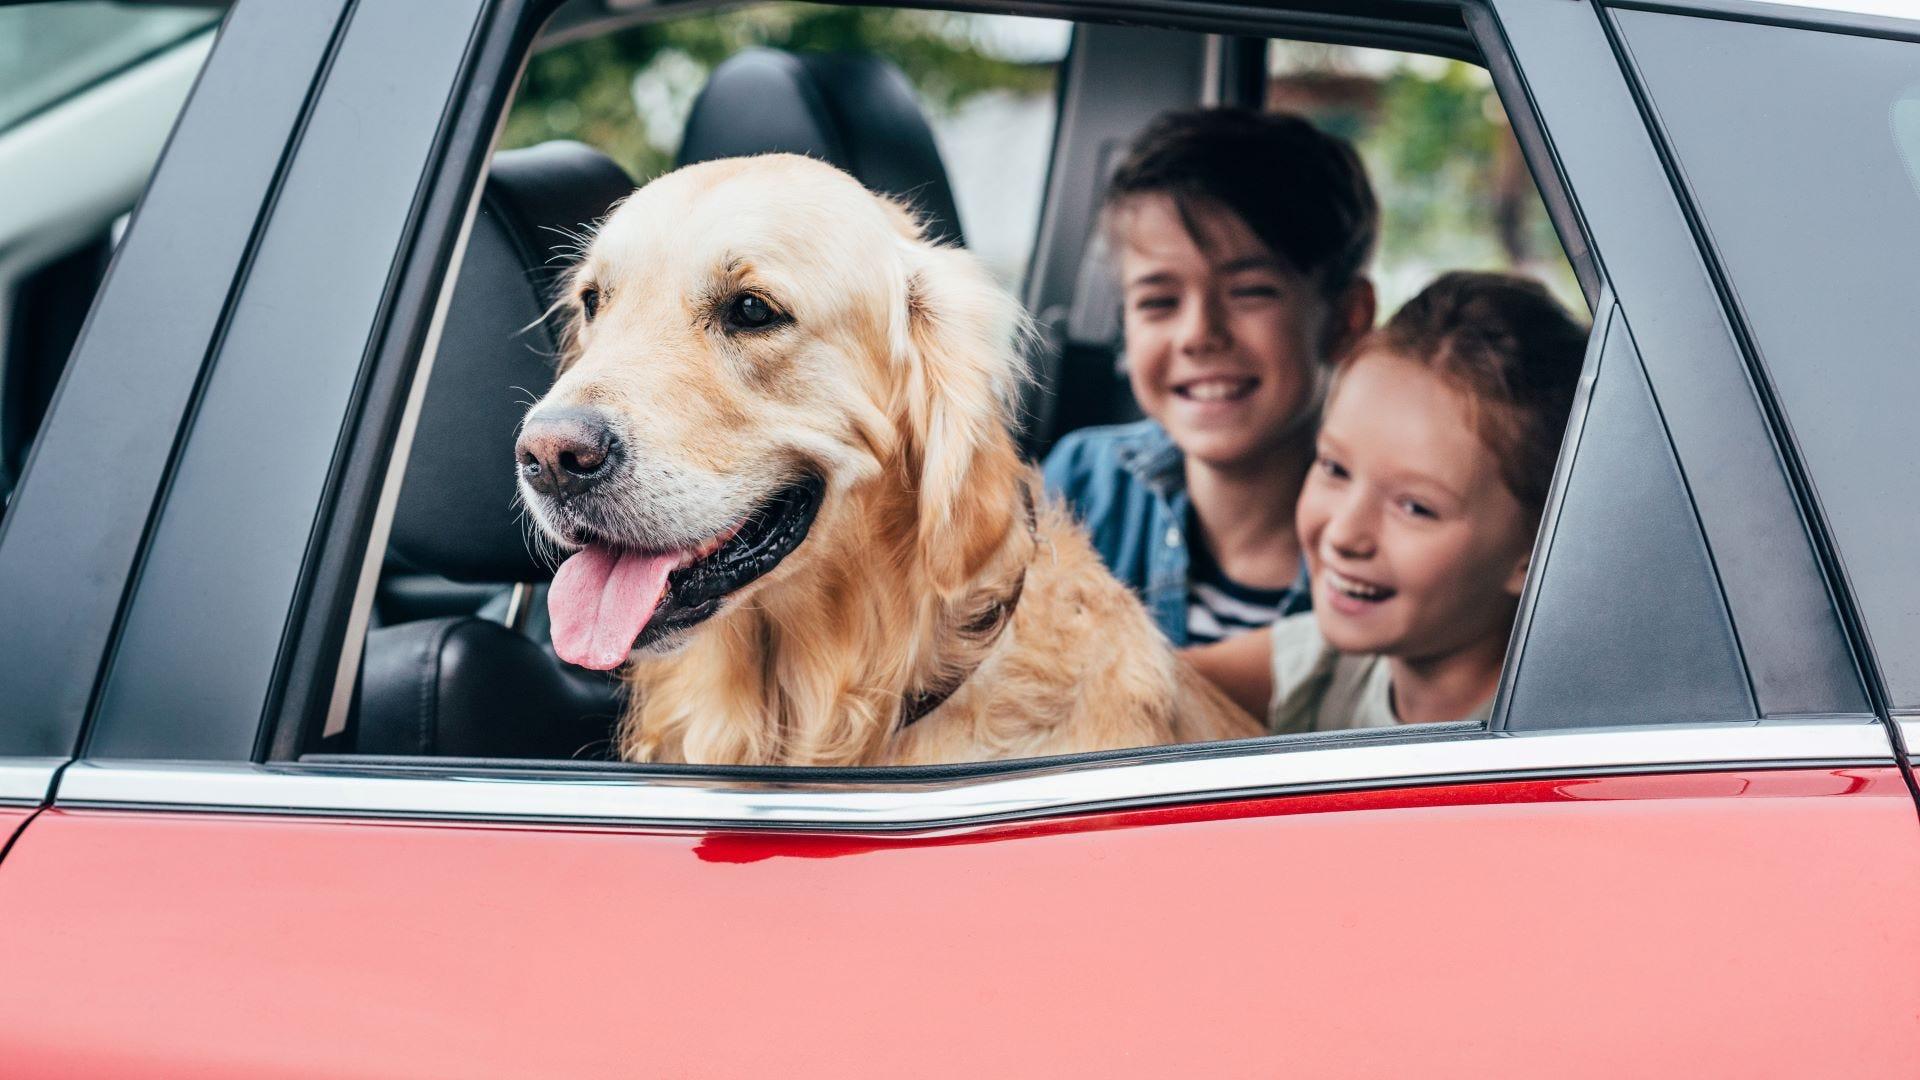 A boy, girl, and golden retriever dog in a car.